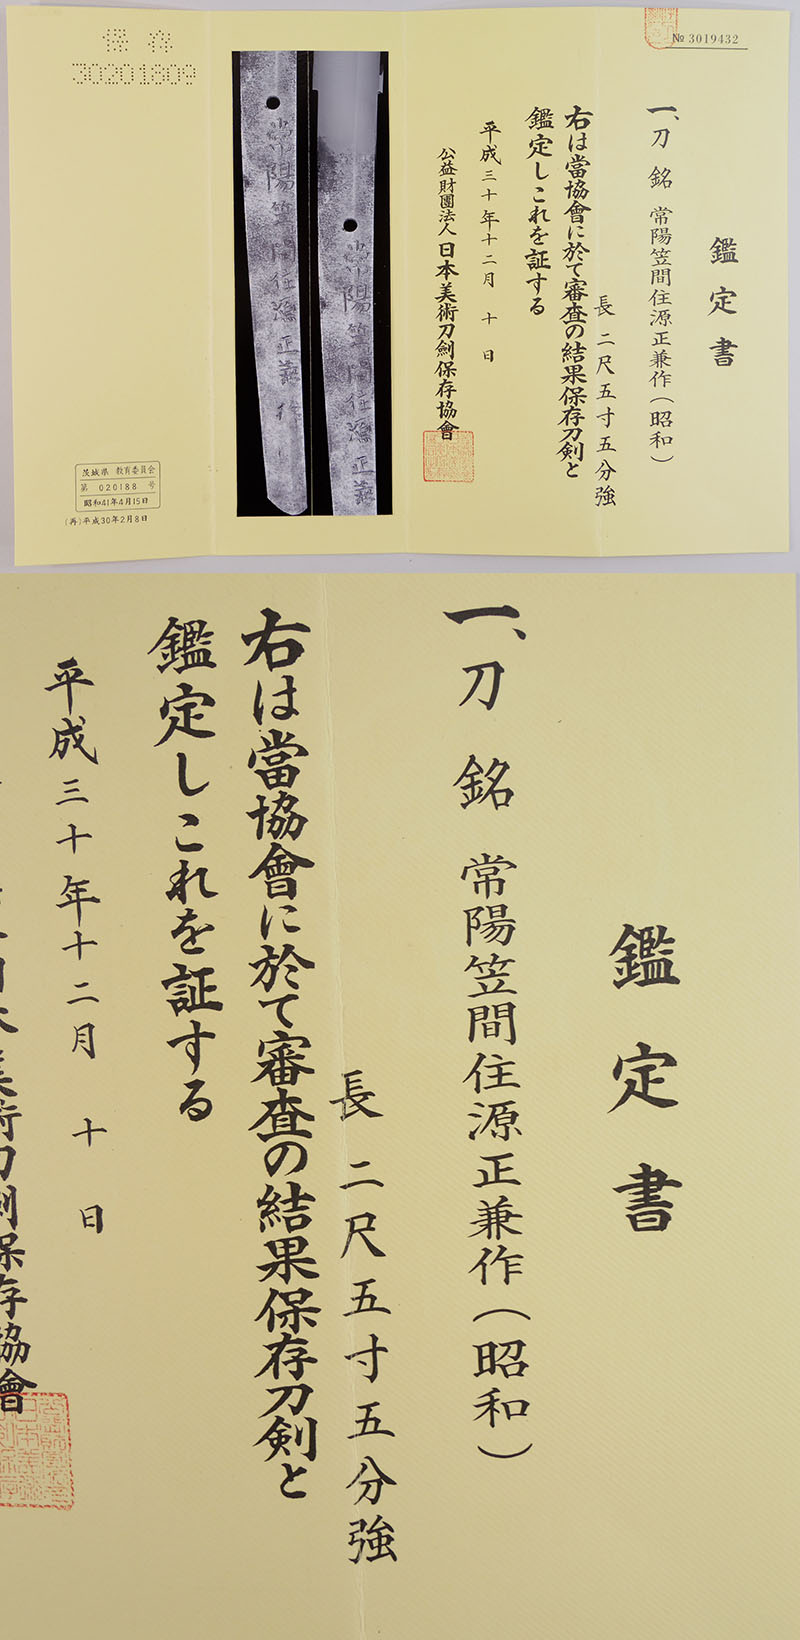 常陽笠間住源雅正兼作(昭和)(高野正兼) Picture of Certificate